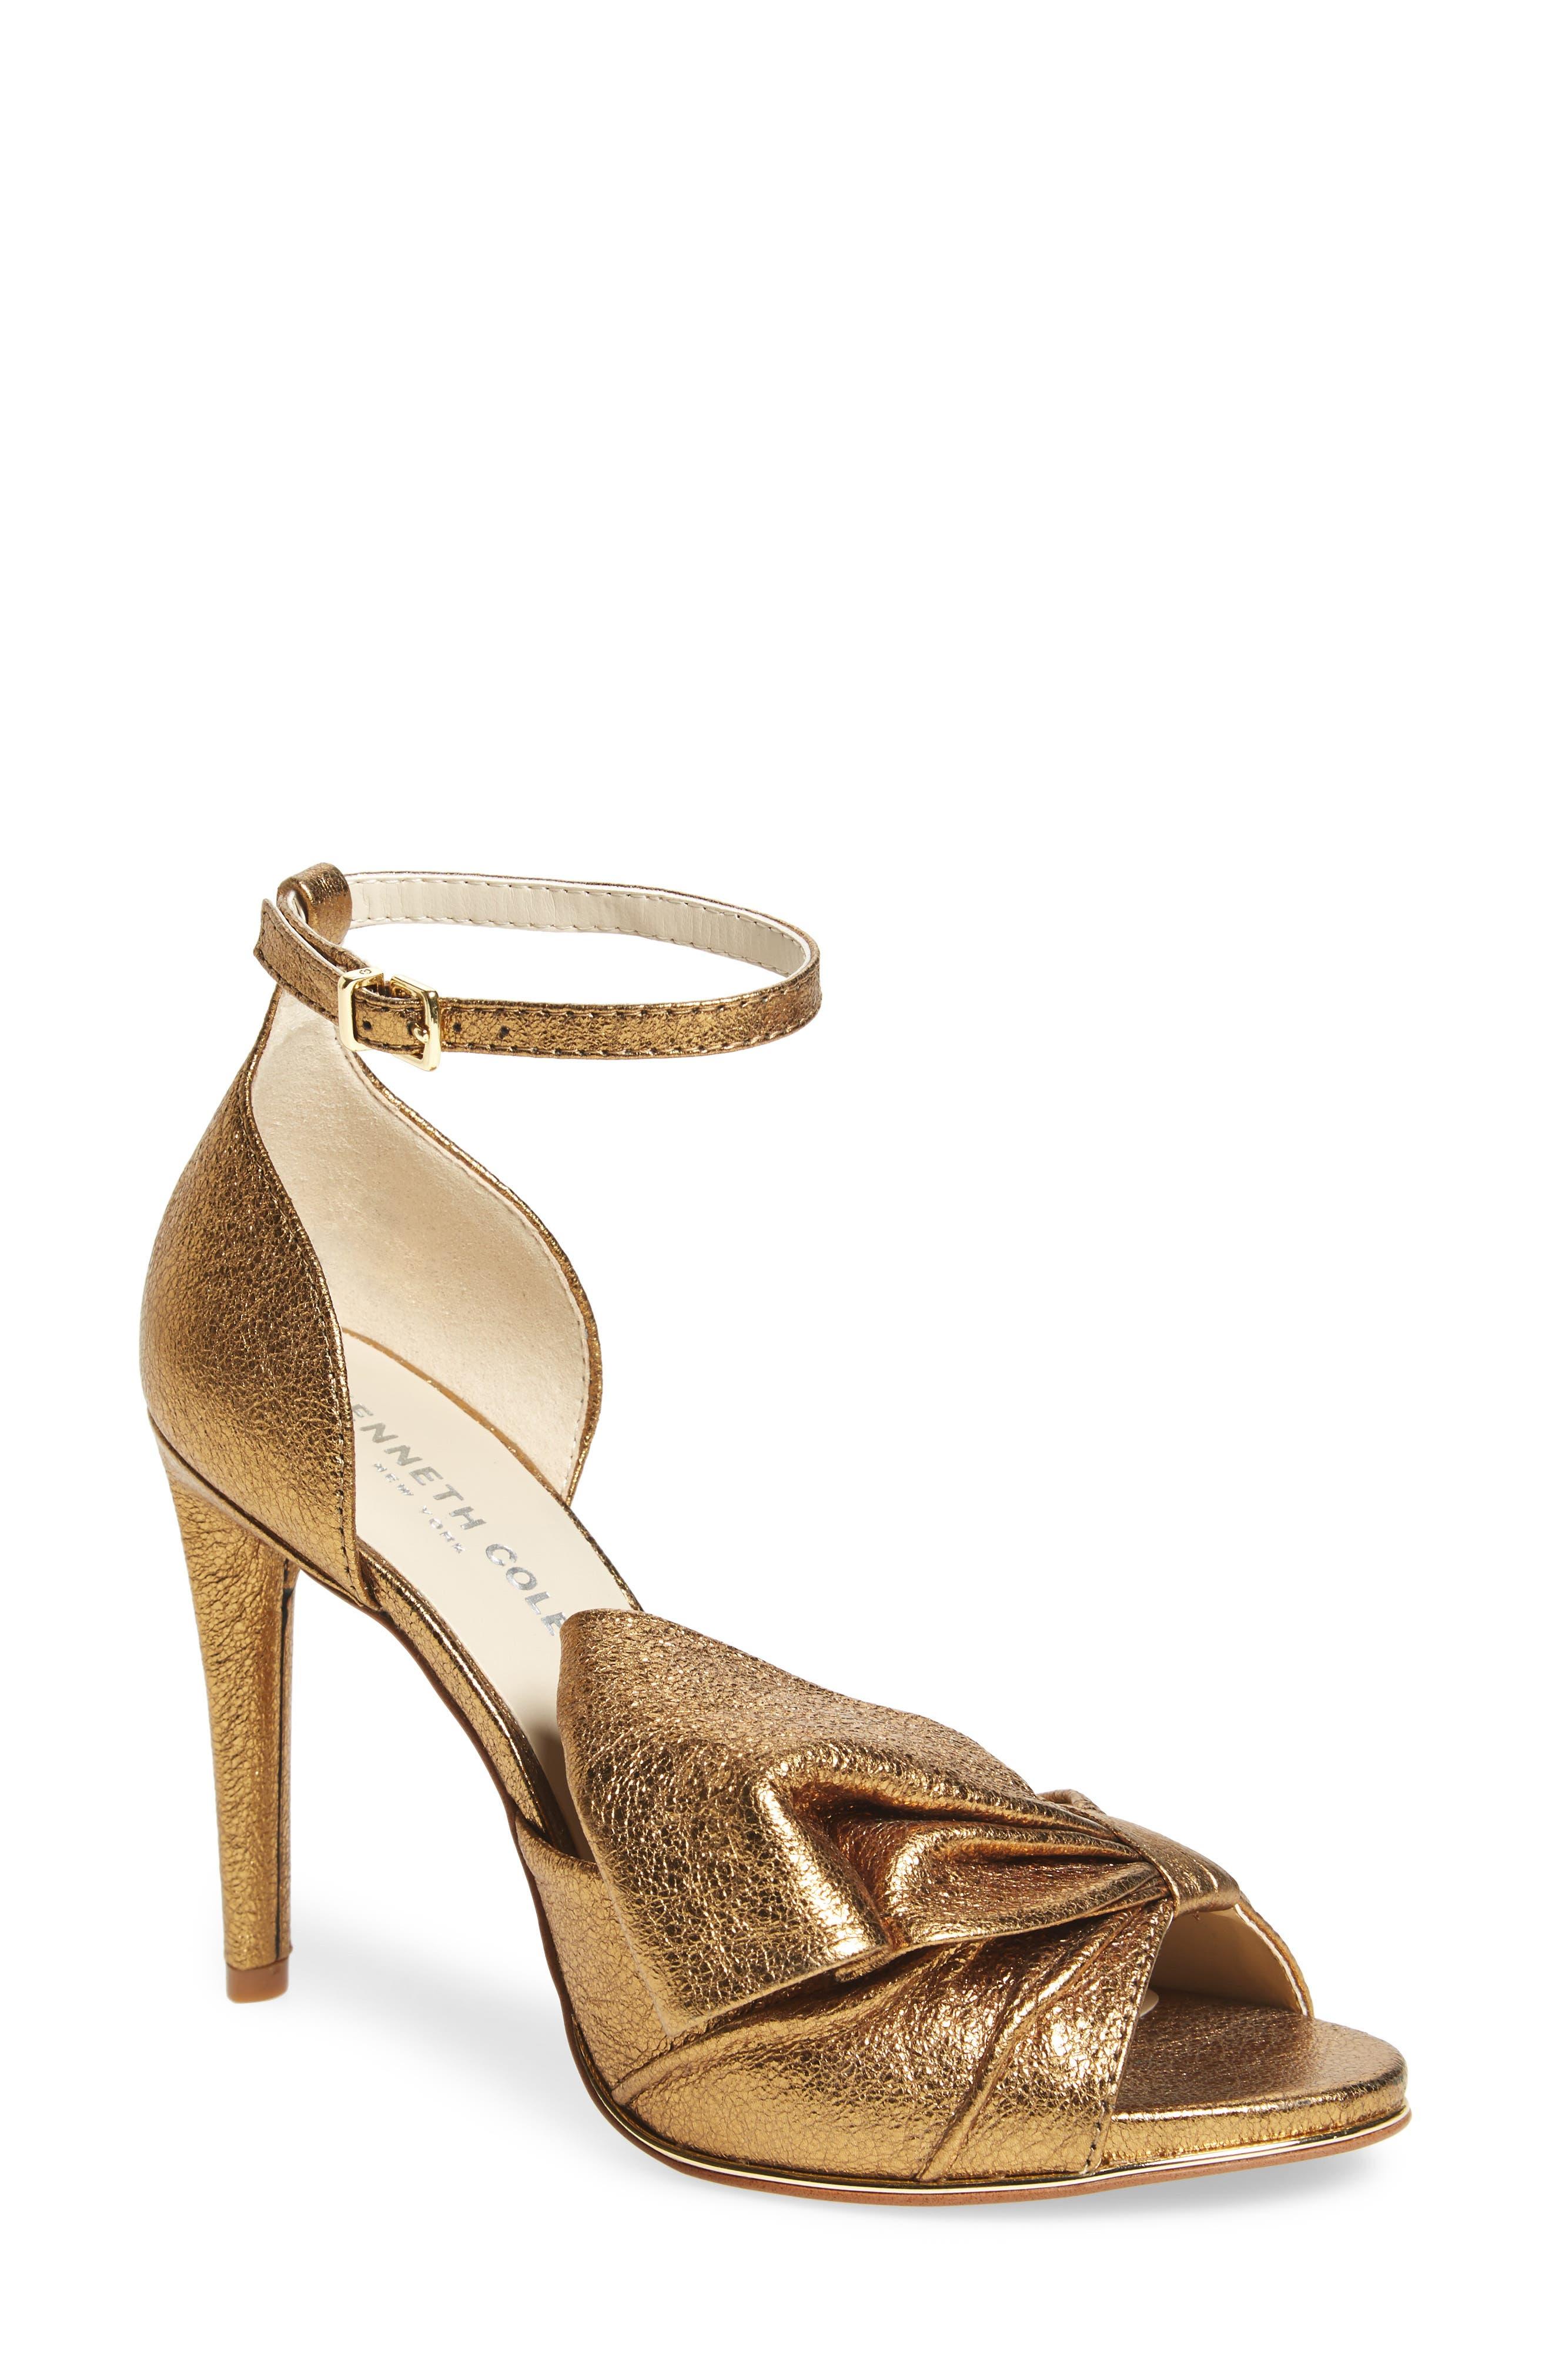 Blaine Ankle Strap Sandal,                             Main thumbnail 5, color,